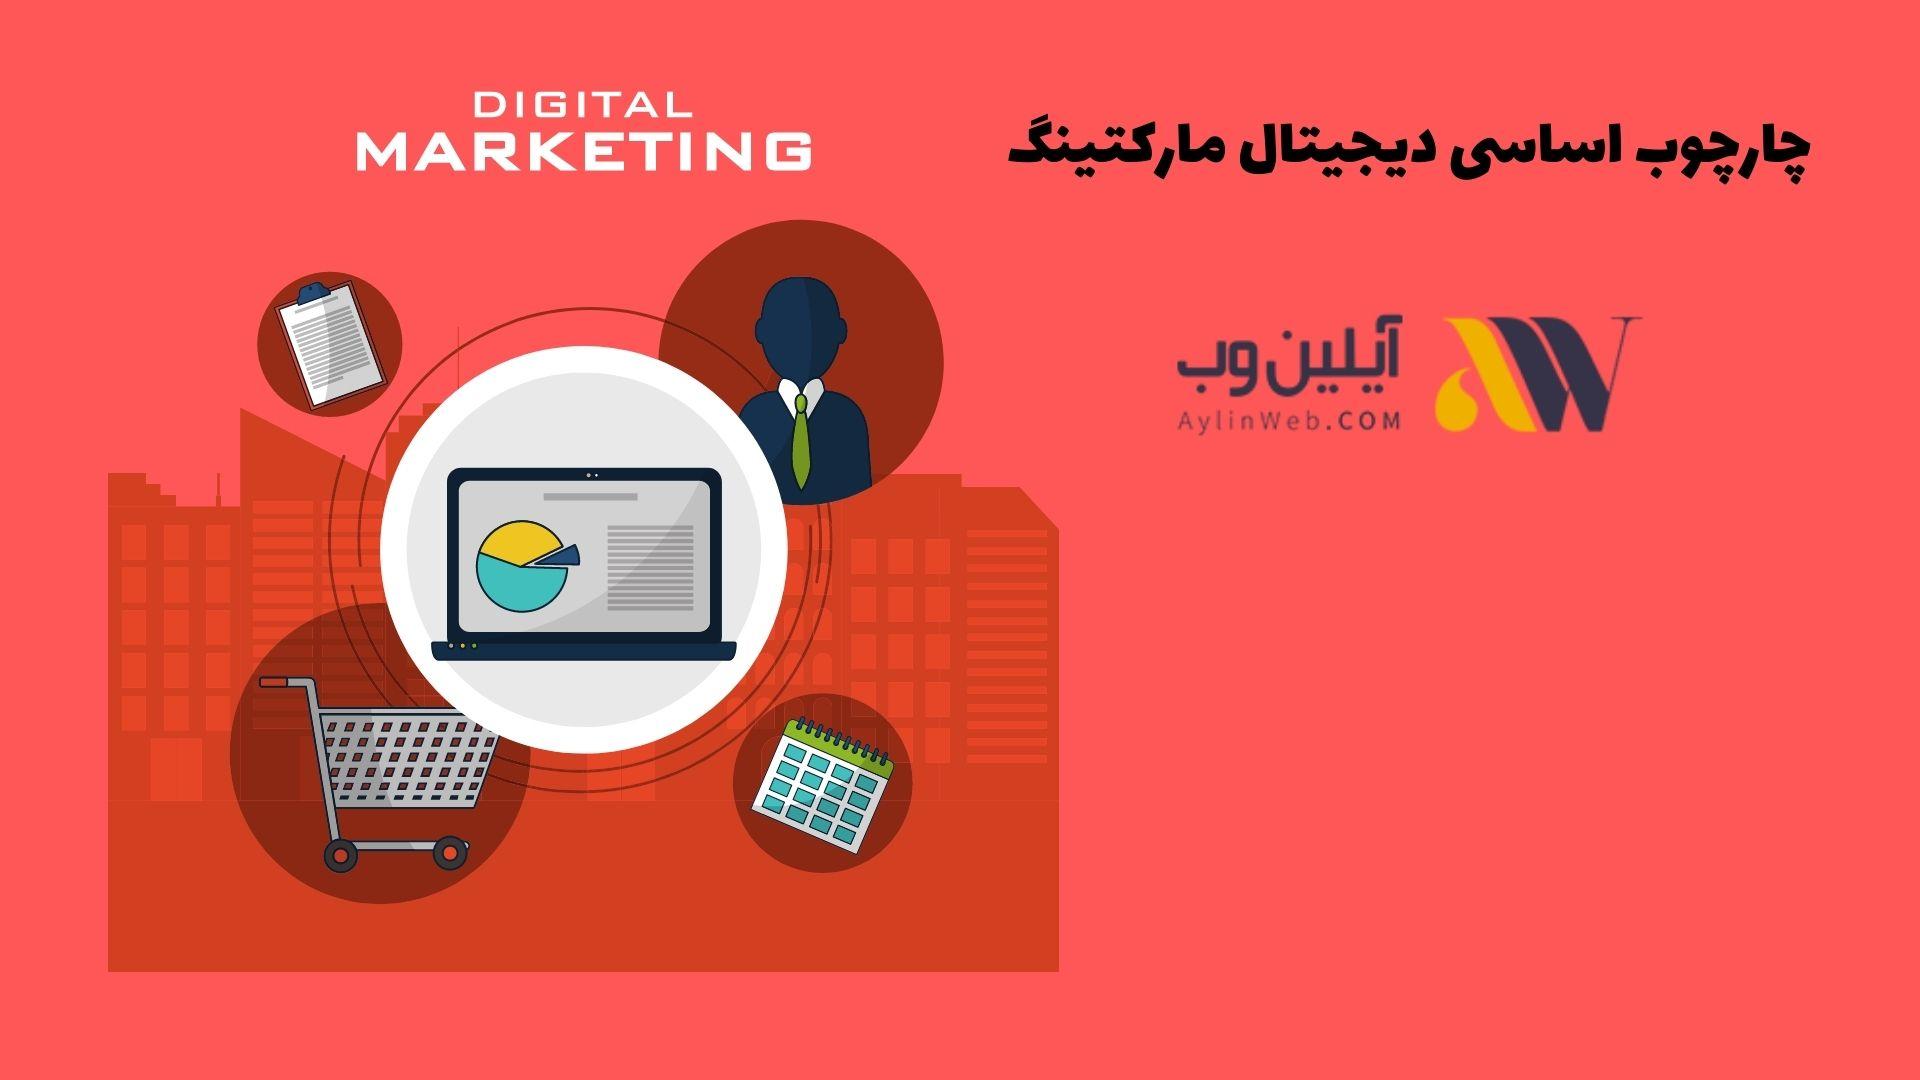 چارچوب اساسی دیجیتال مارکتینگ